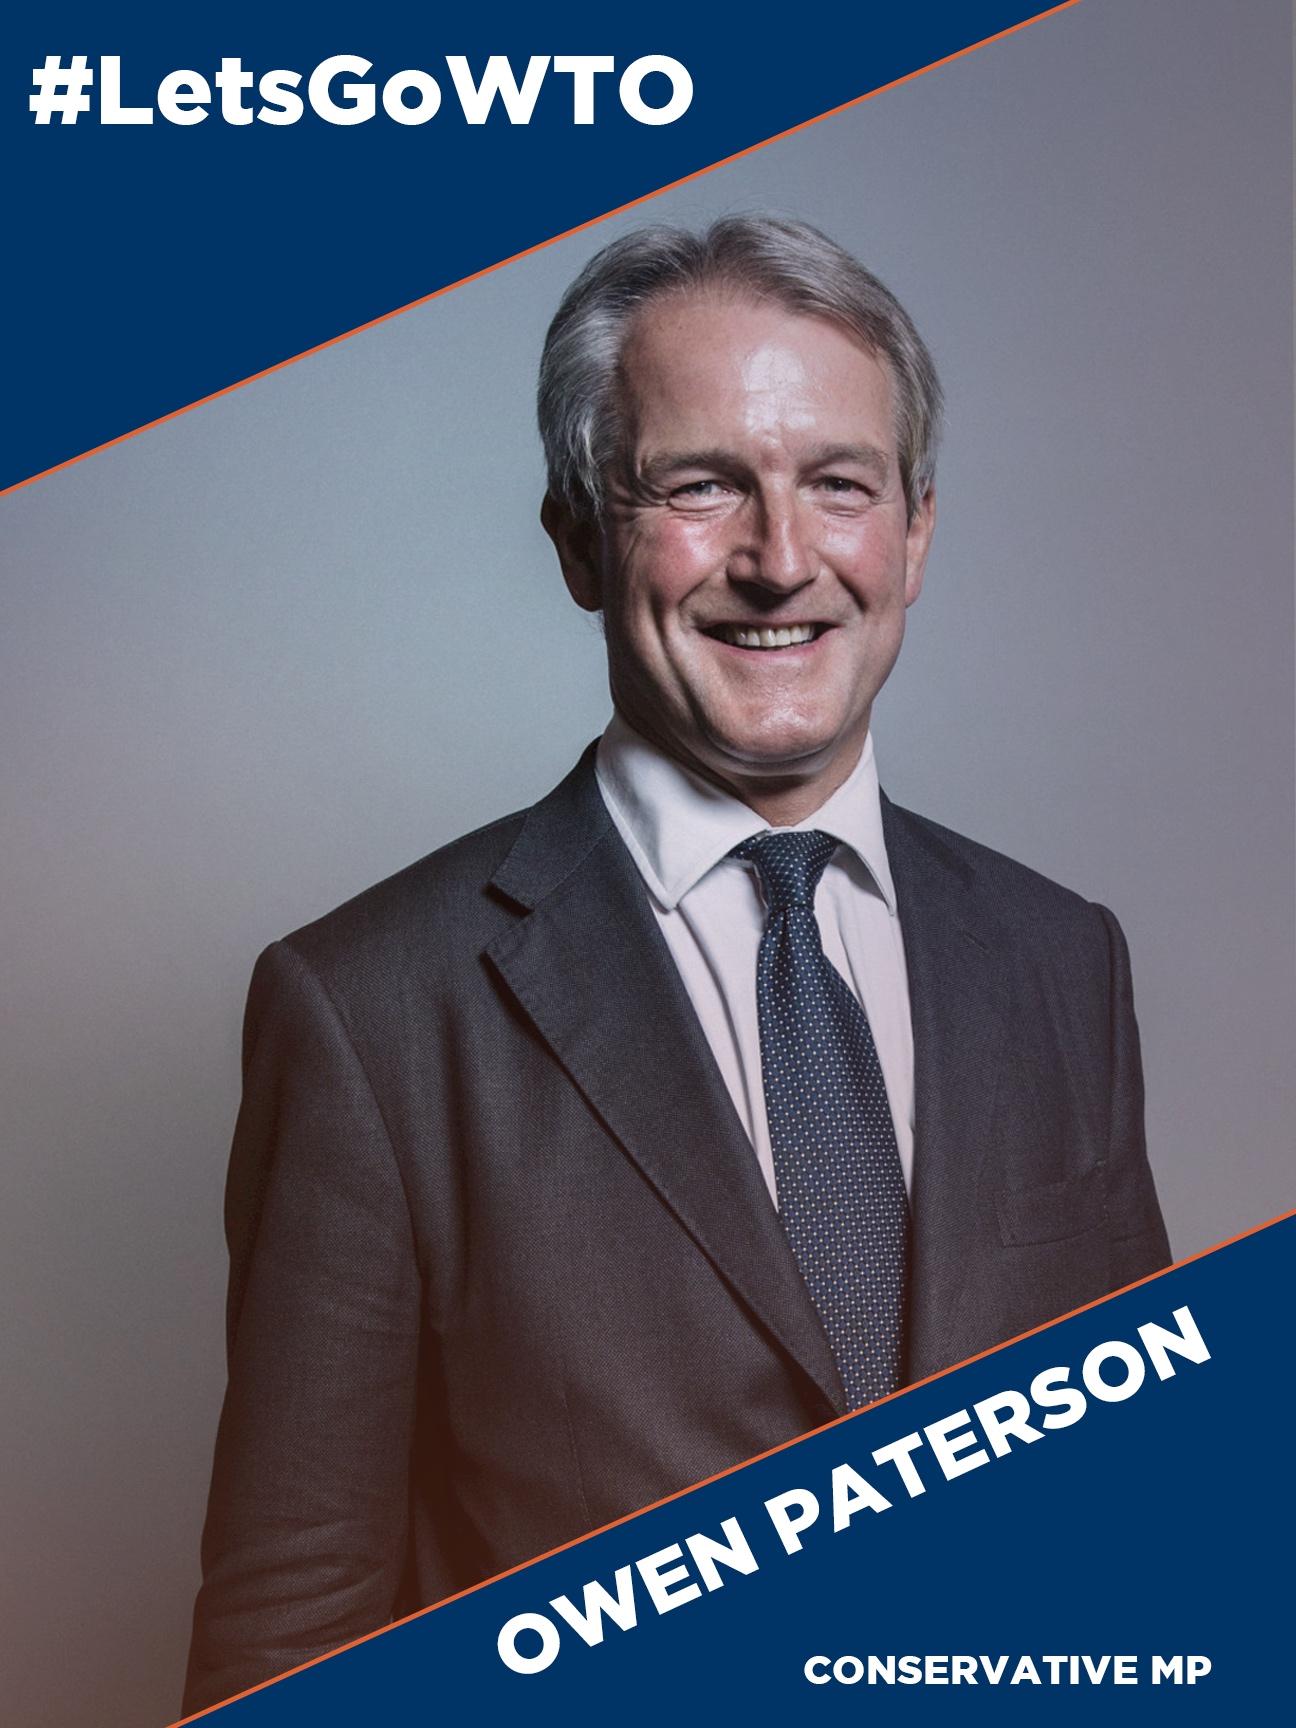 Paterson+portrait.jpg